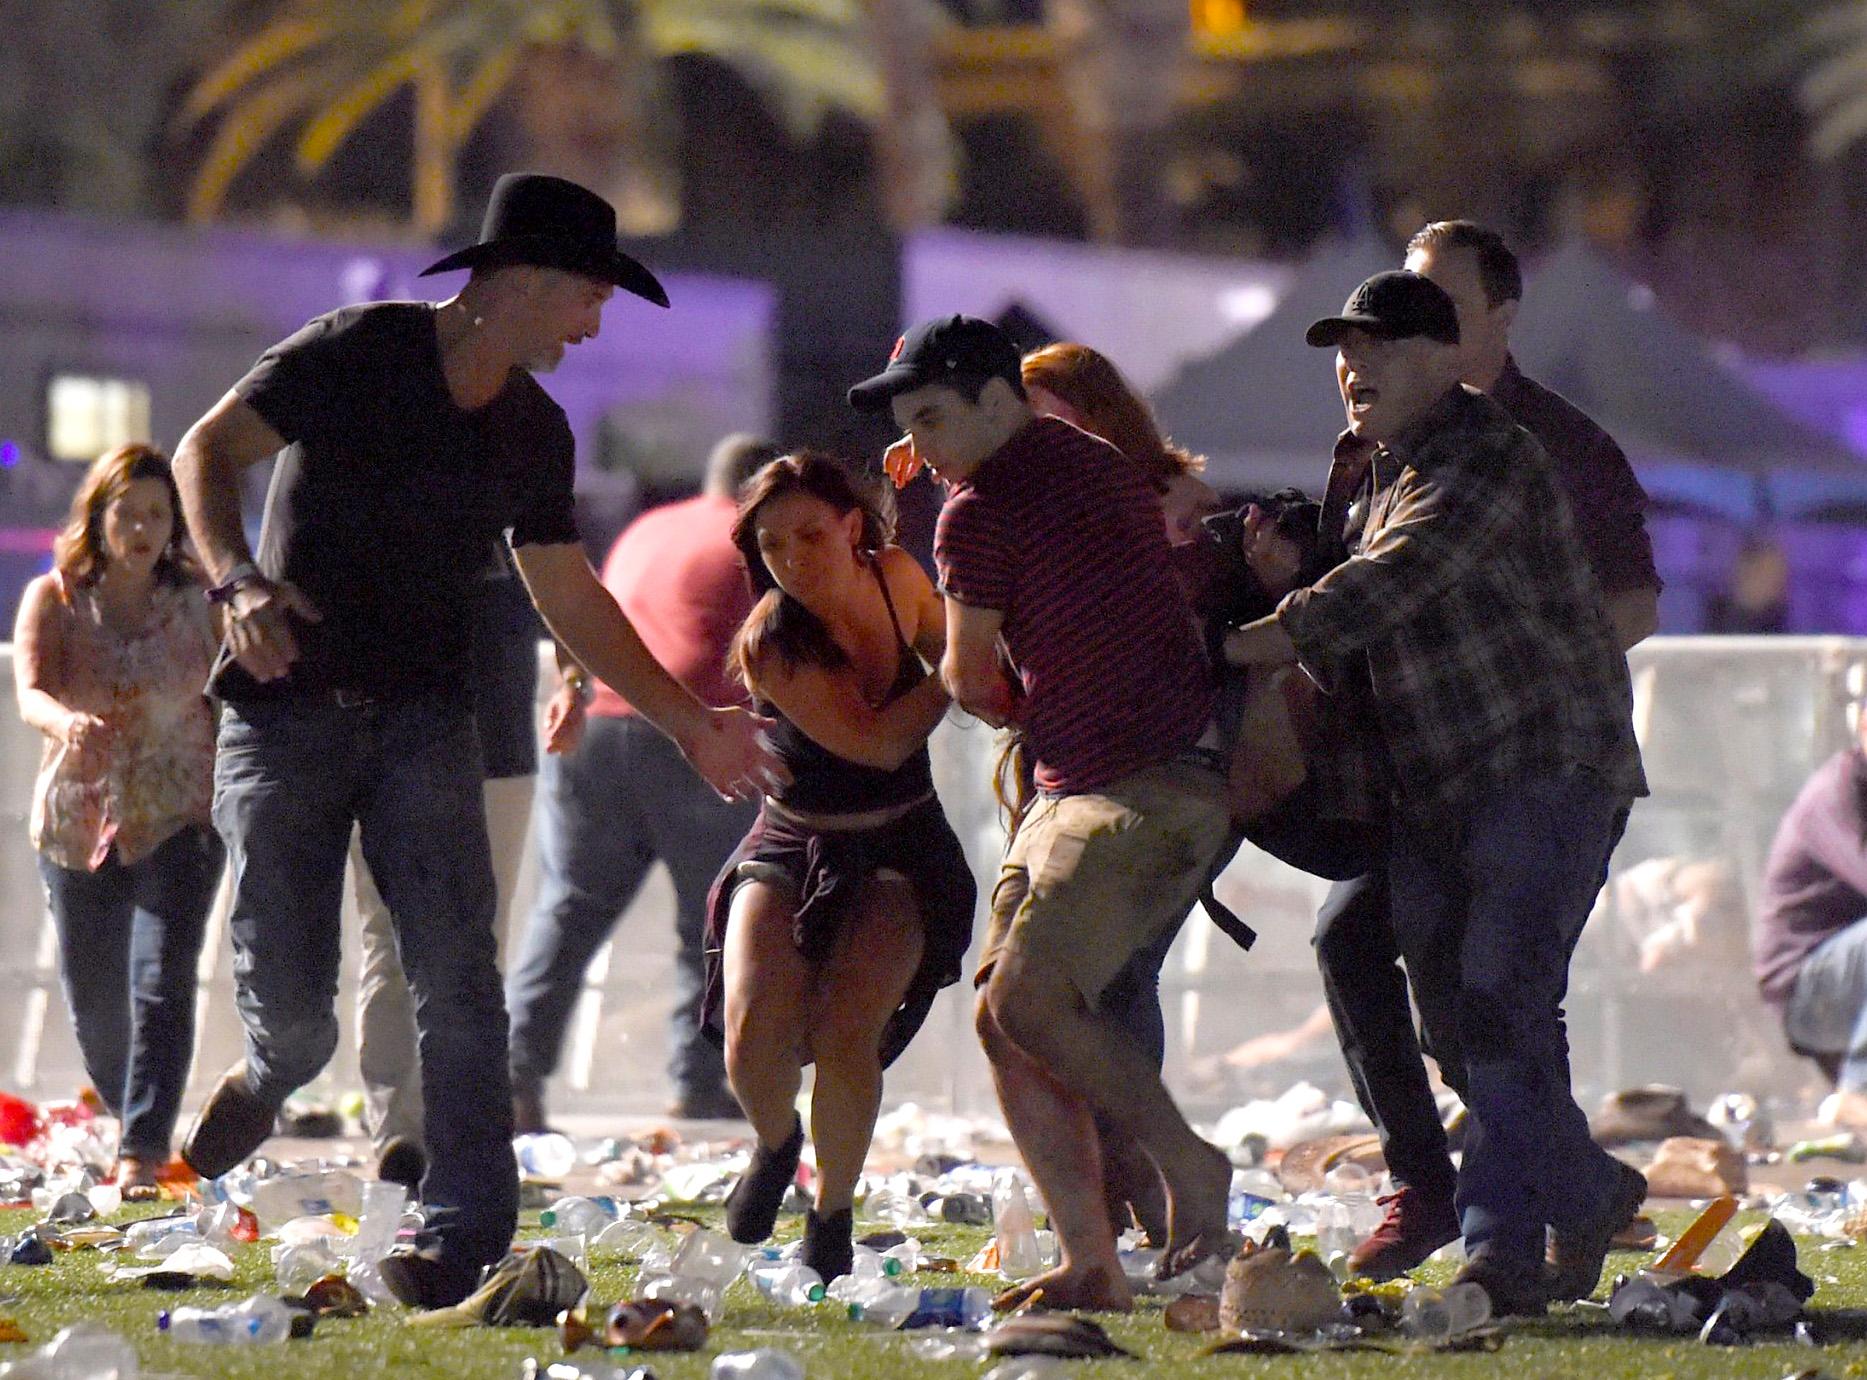 Mass shooting at Las Vegas concert